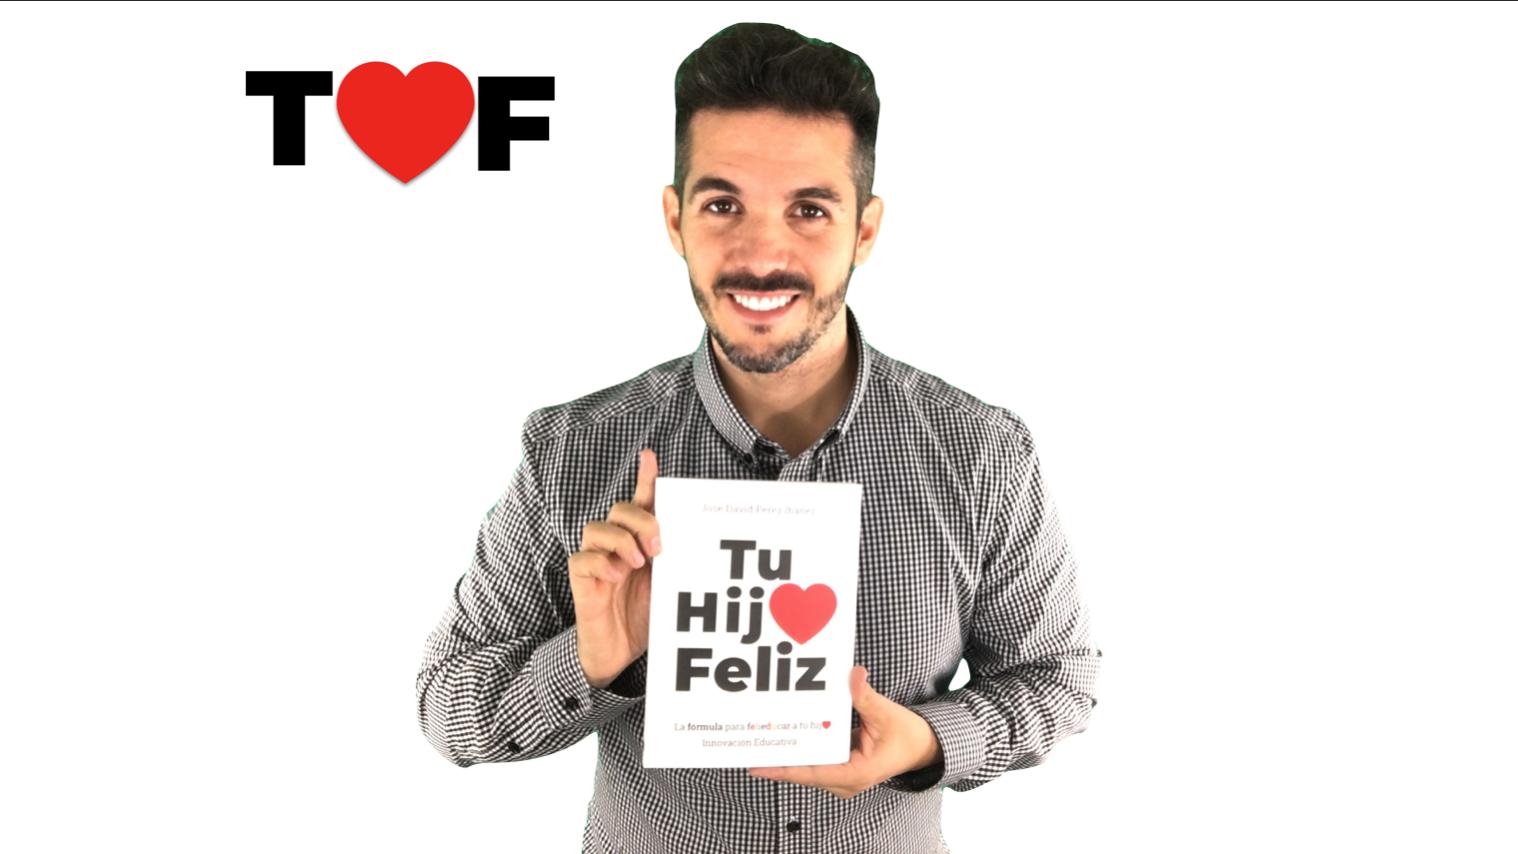 José David Pérez, autor del libro Tu hijo feliz (tuhijofeliz.com) 1